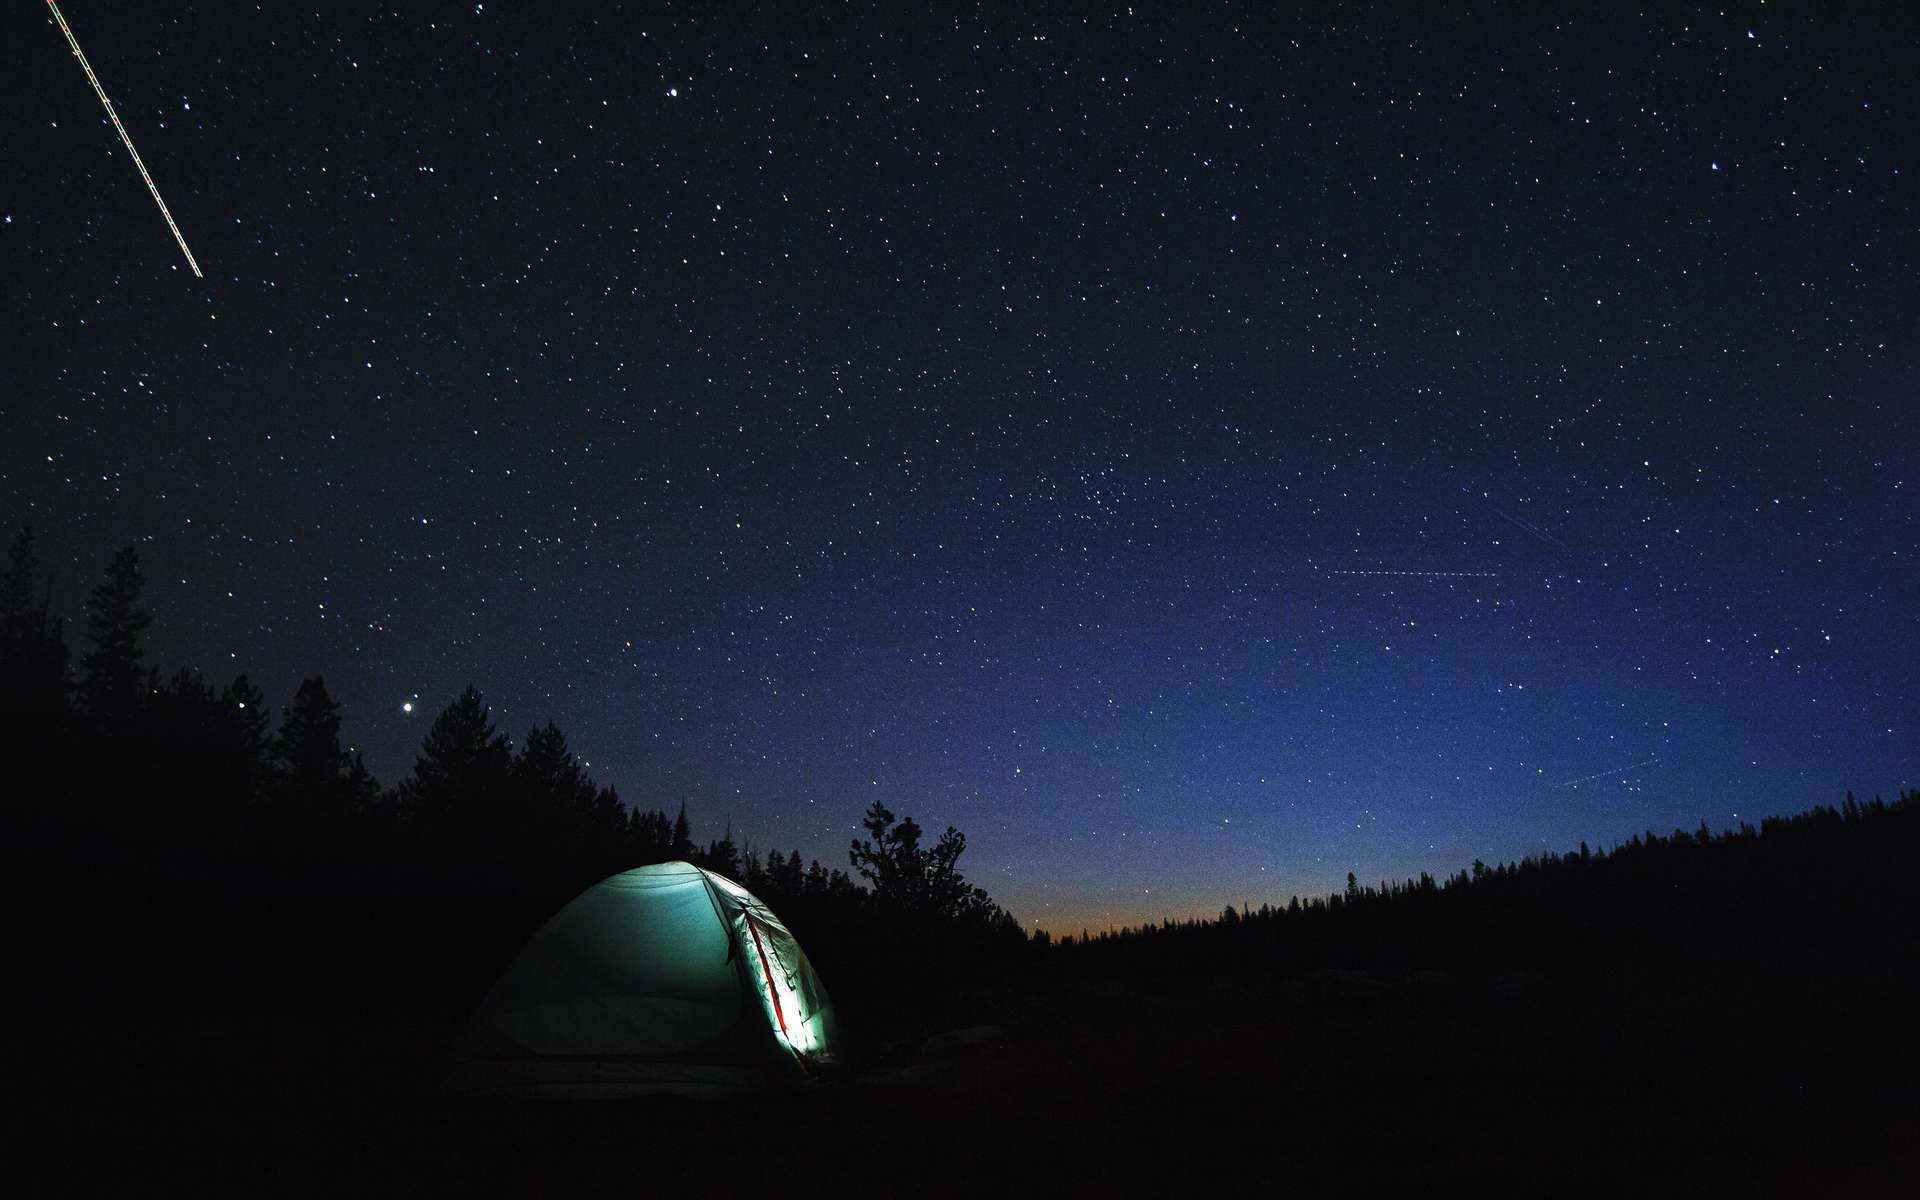 Camper dans la nature à l'occasion des Perséides est une magnifique façon de les observer. © shoenberg3, Adobe Stock